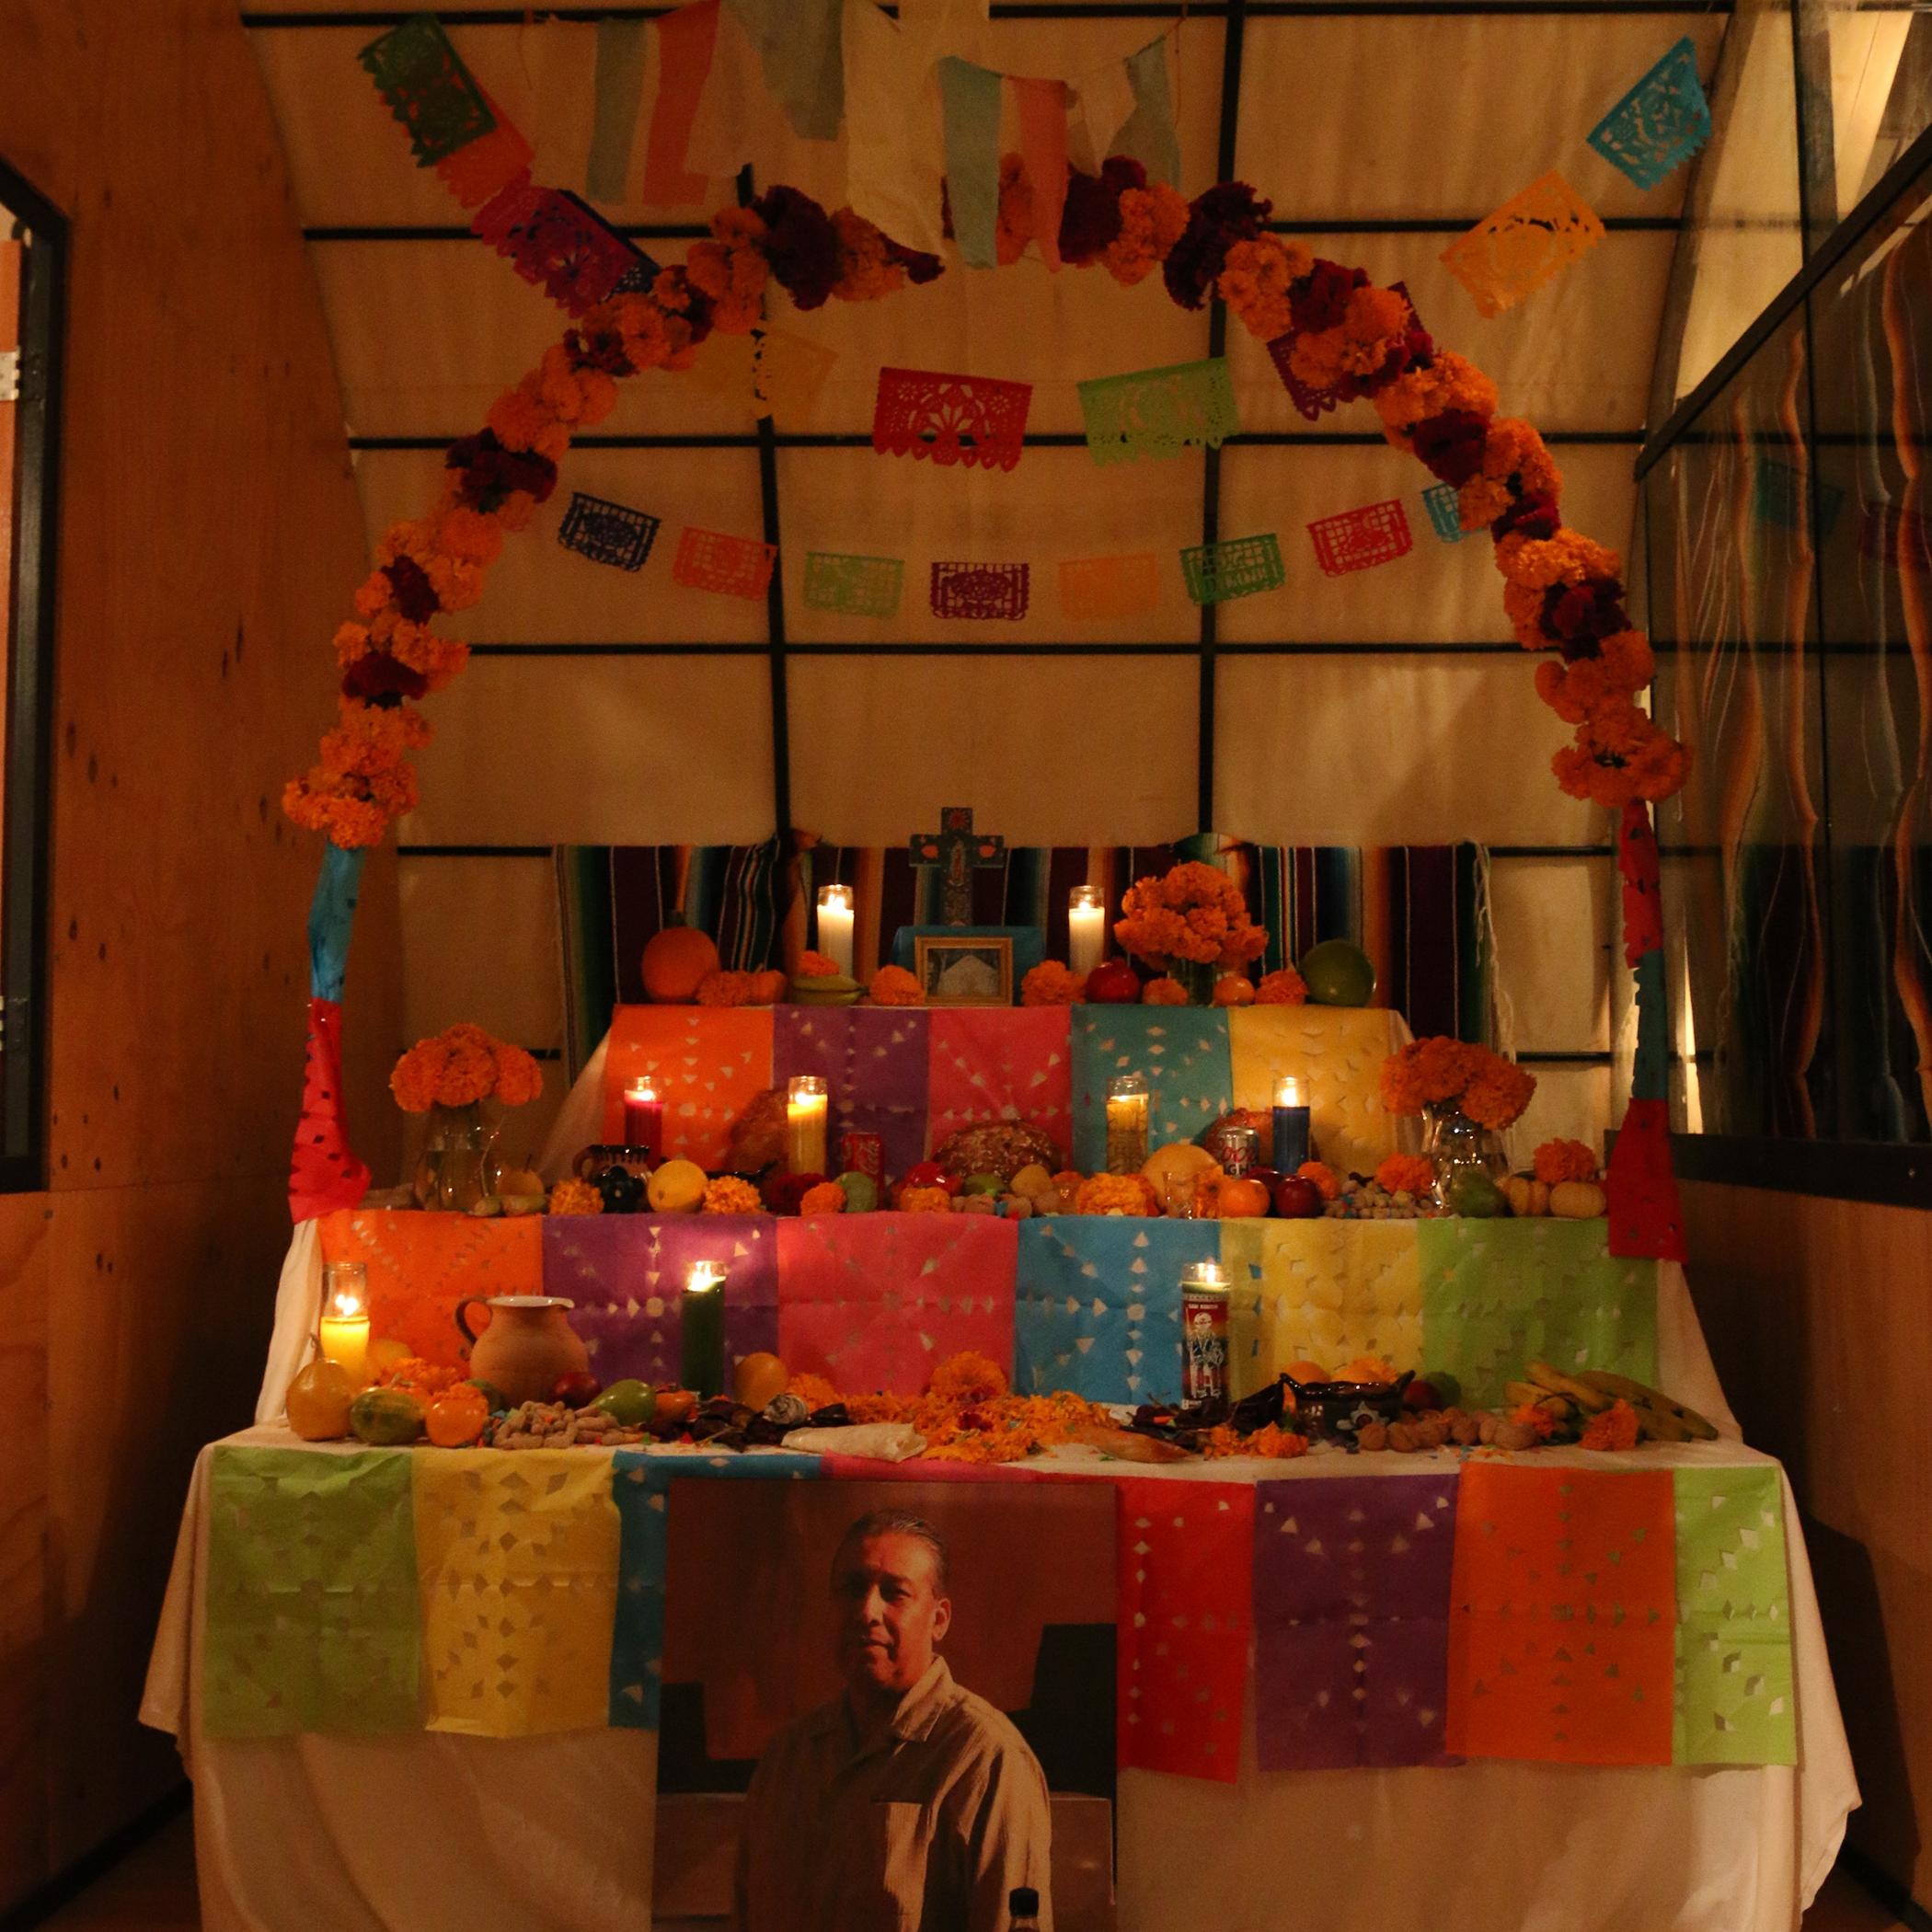 1st Annual Día de los Muertos Community Celebration November 1, 2016